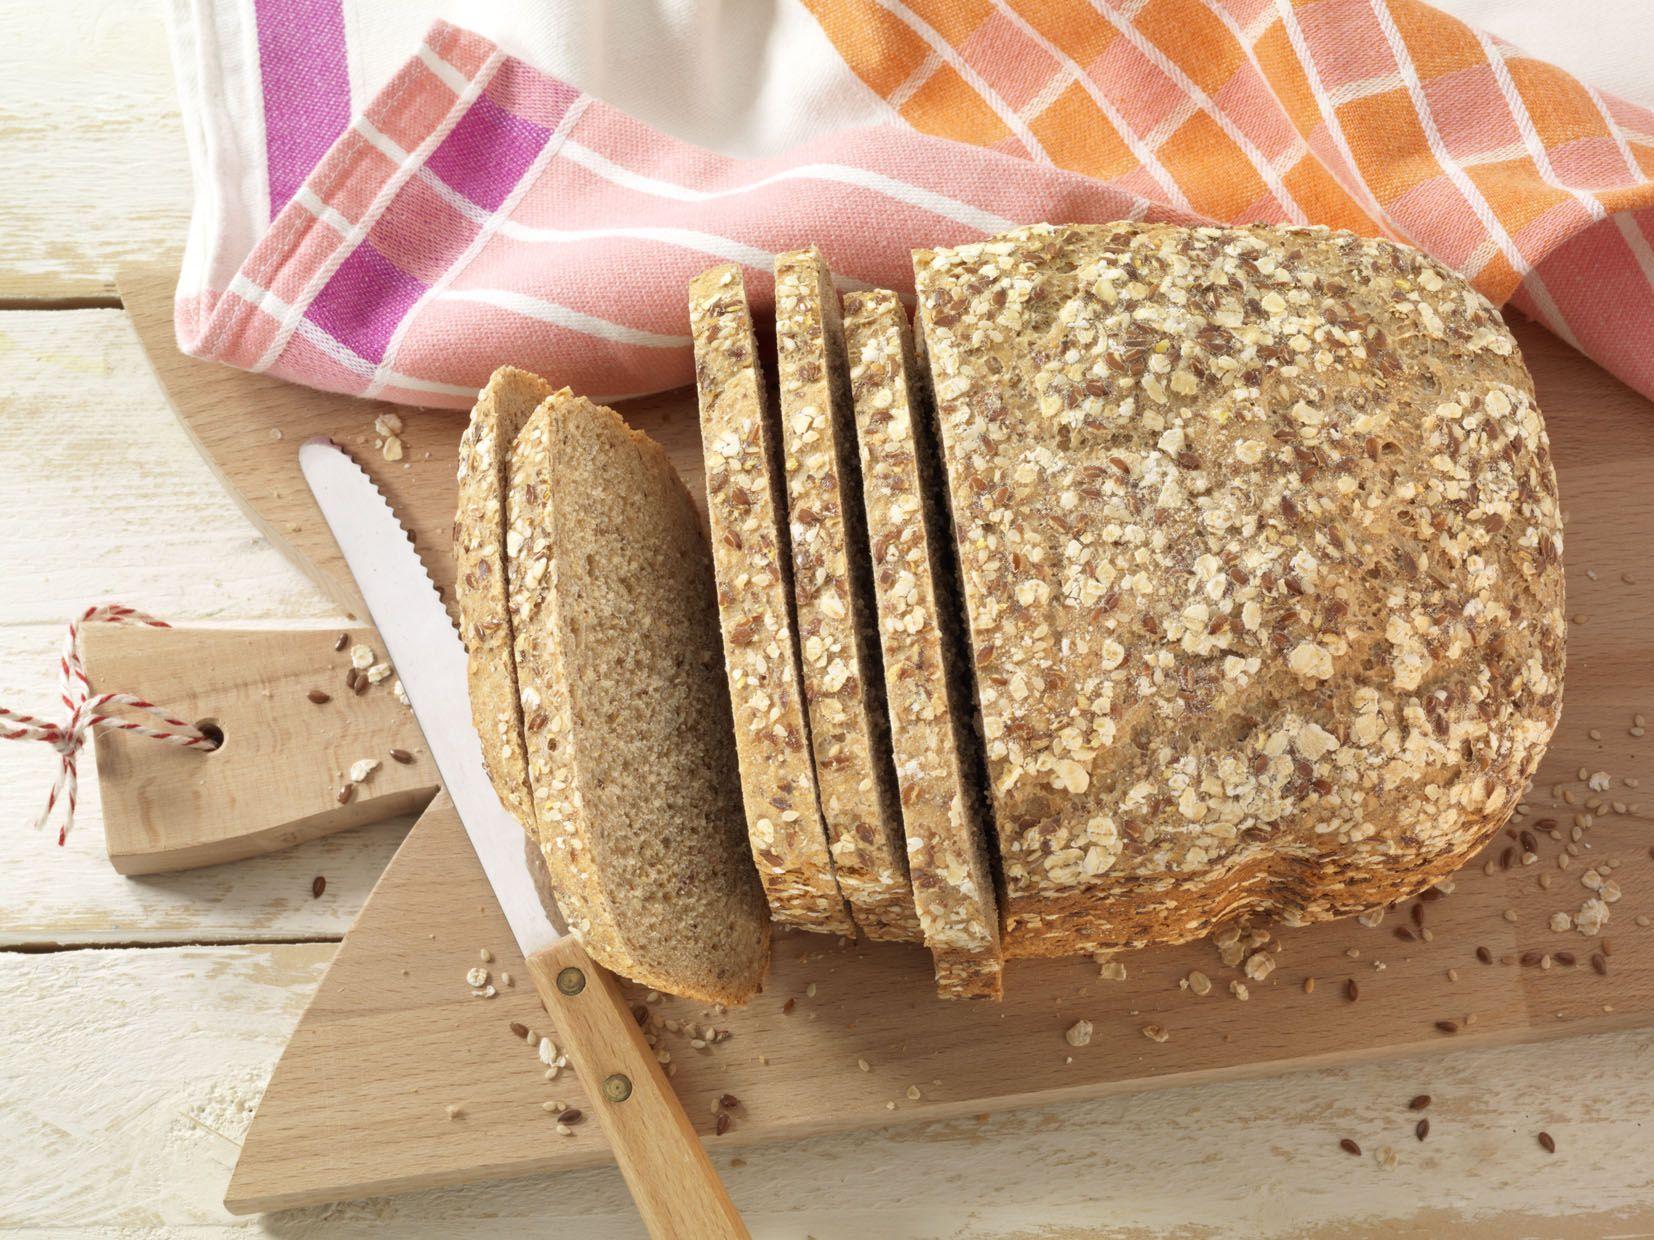 Buttermilch, Roggenmehl, Dinkelvollkornmehl, Leinsamen, Haferflocken...ach, wie auch immer. Wir fassen uns kurz: Es steckt so viel Gutes in unserem Mühlenbrot! #Rezept #Brotbackautomat